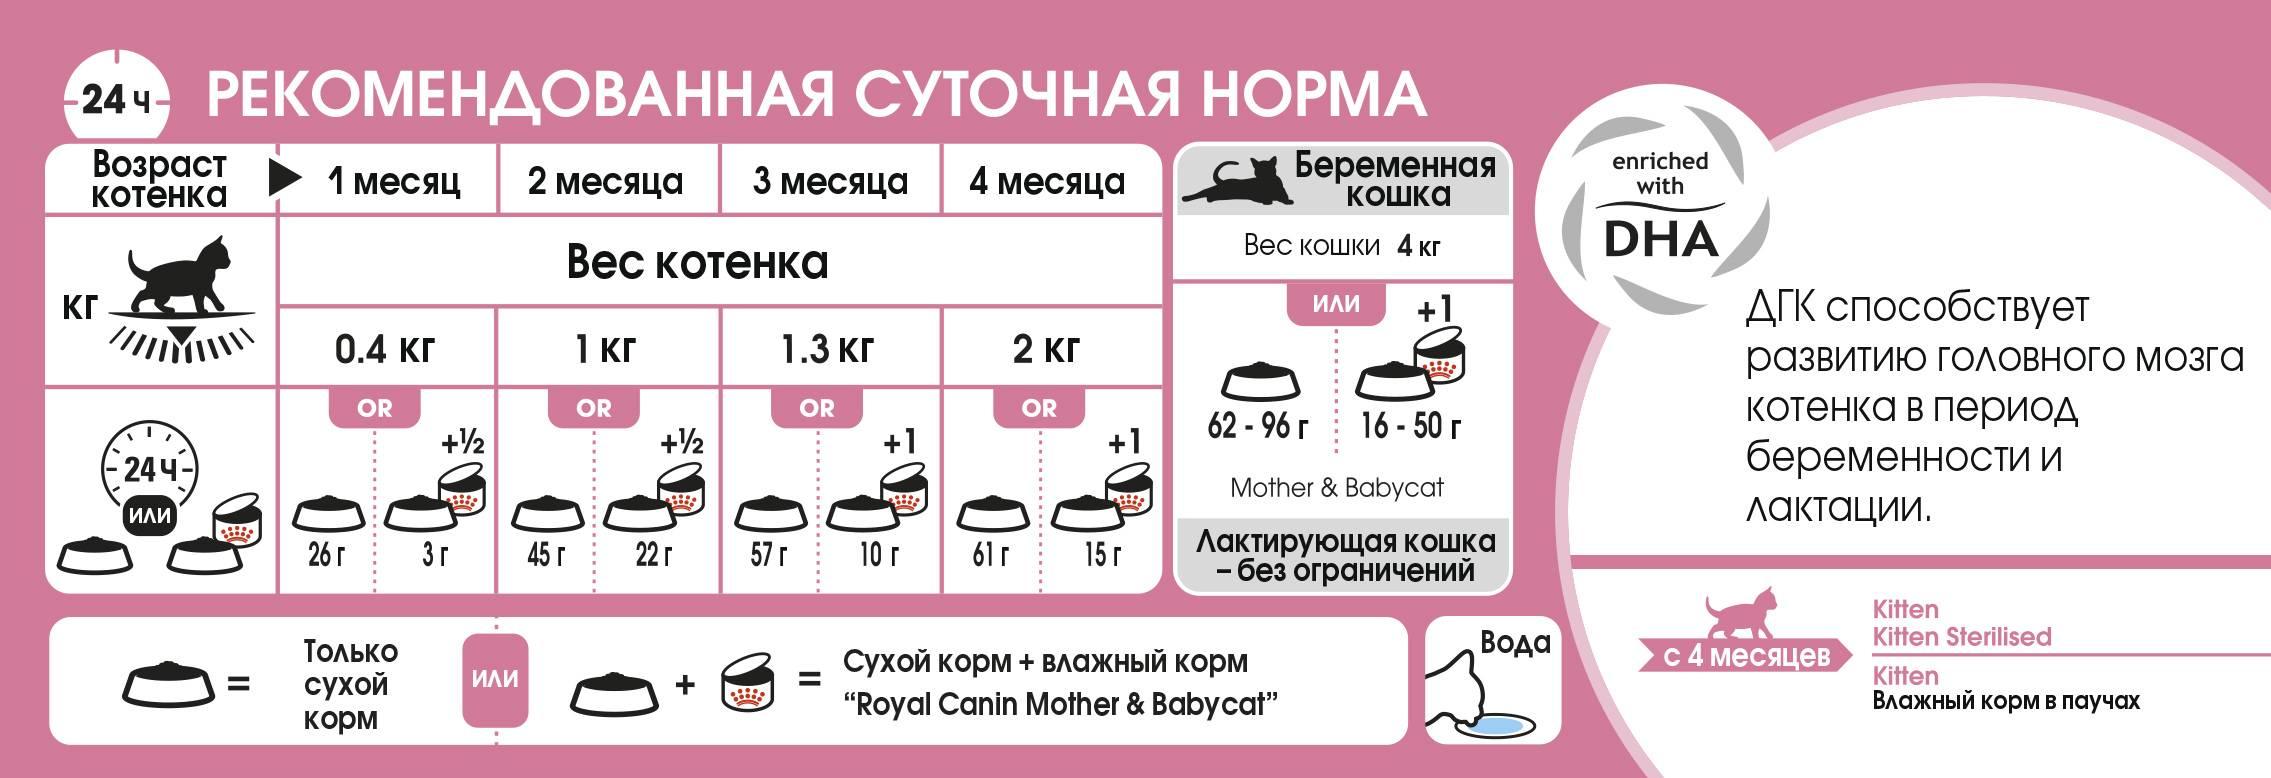 Примеры чем кормить двухмесячных котят: как часто на протяжении дня и каким кормом